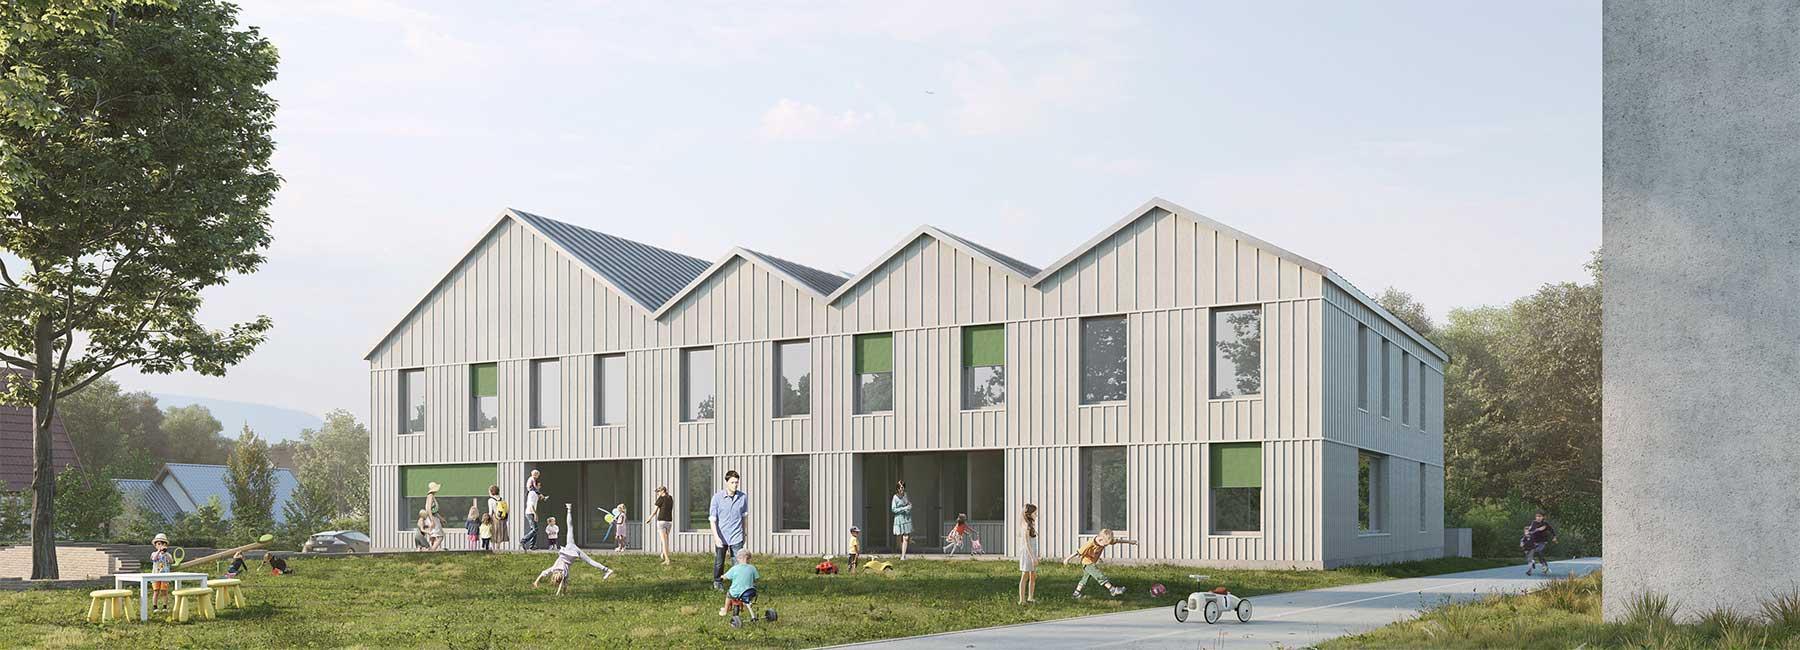 Philippe_Le_Roy_architectes_Nyon_la_Cote_projet_Creche_Prangins